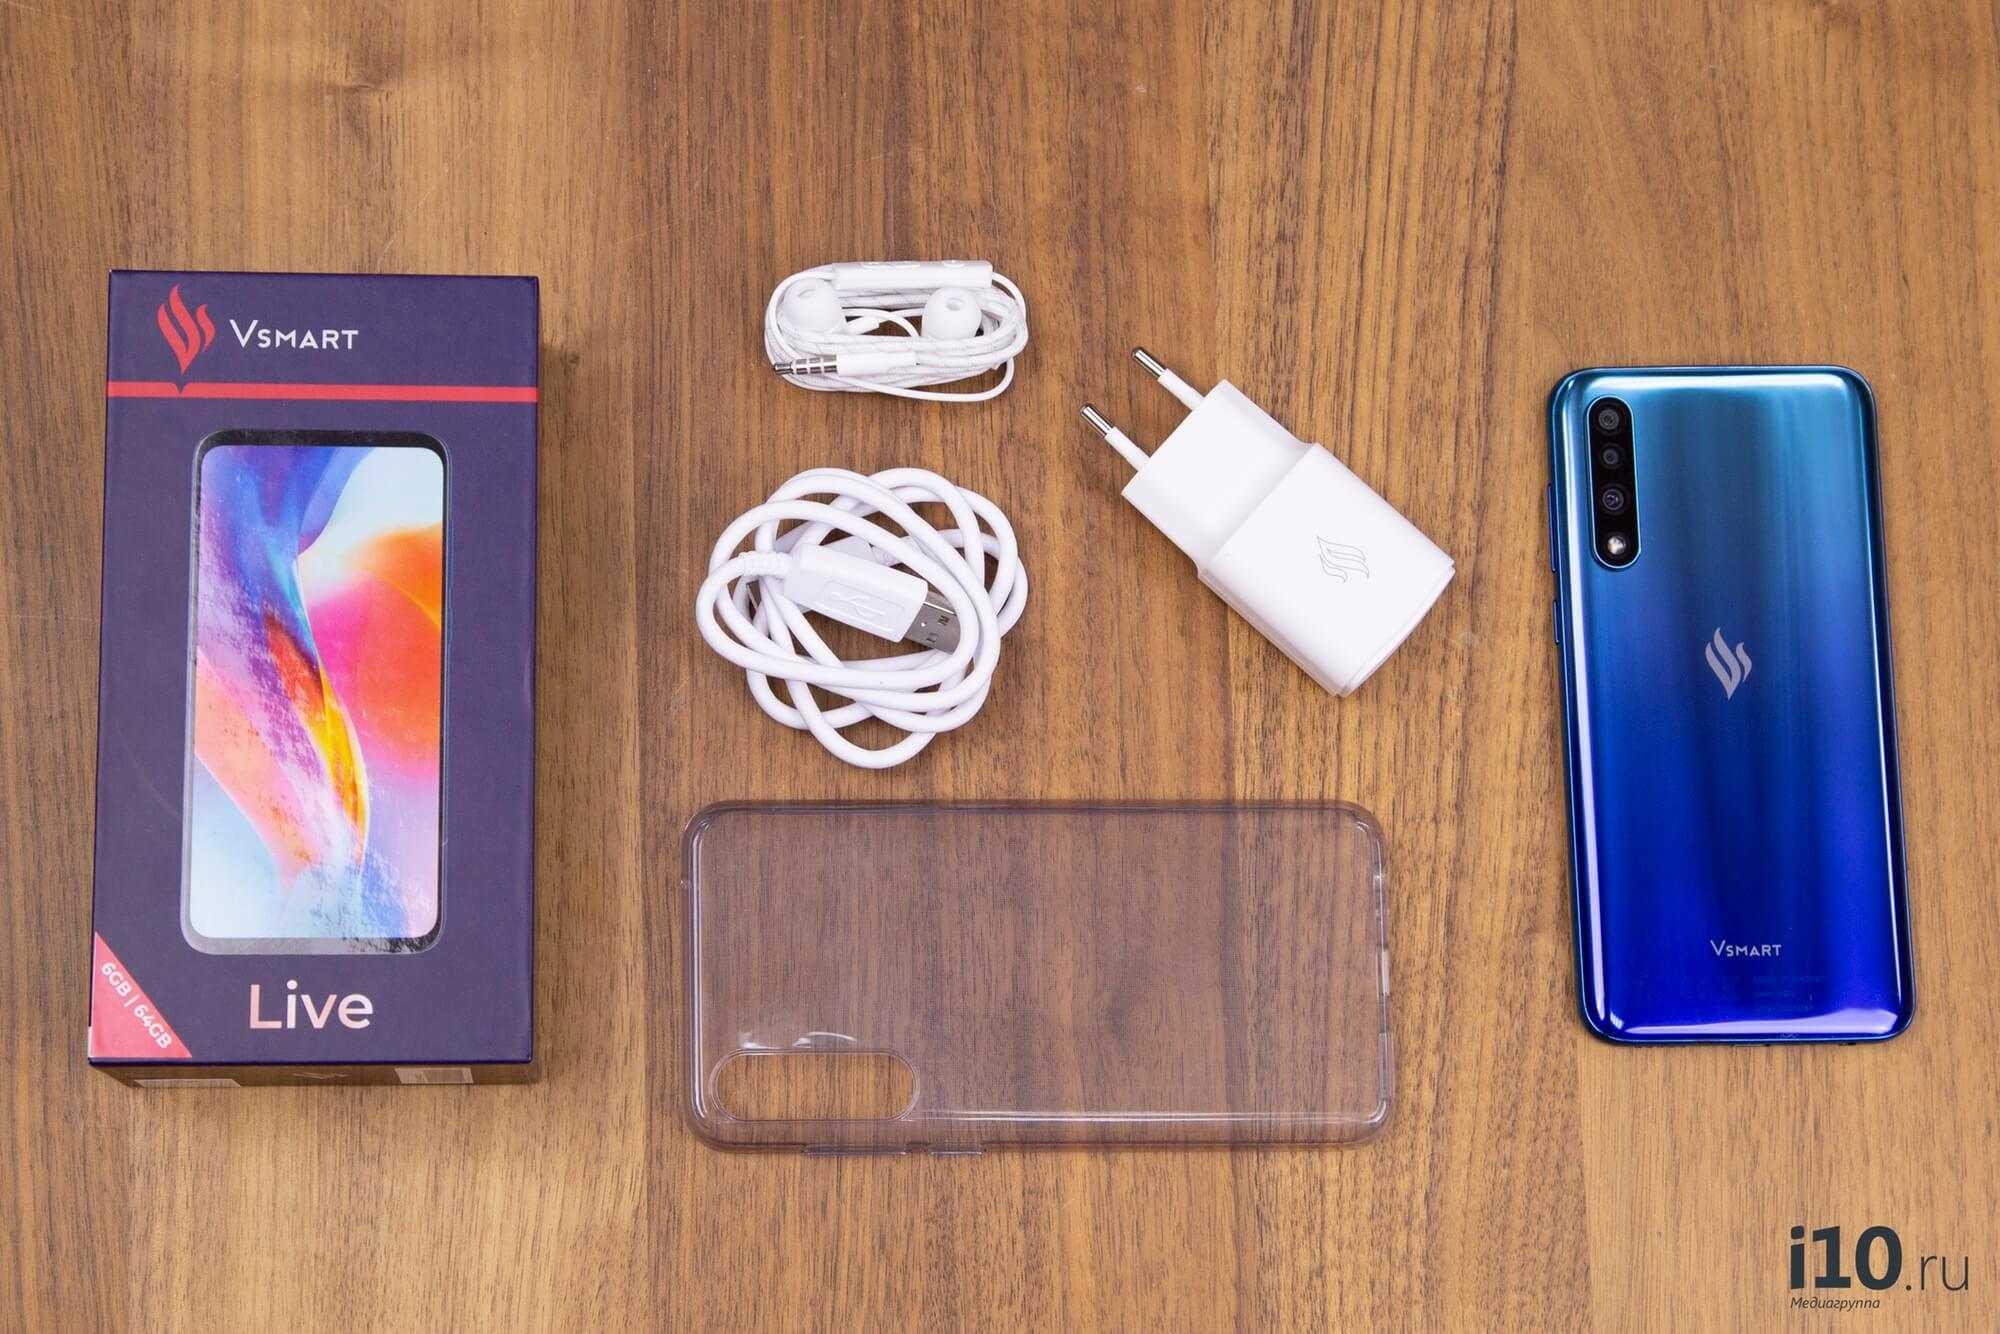 Вслед за Samsung компания Vivo представила первый китайский смартфон с дырявым OLED-дисплеем Модель привлекает стильным дизайном неплохими характеристиками и лояльной